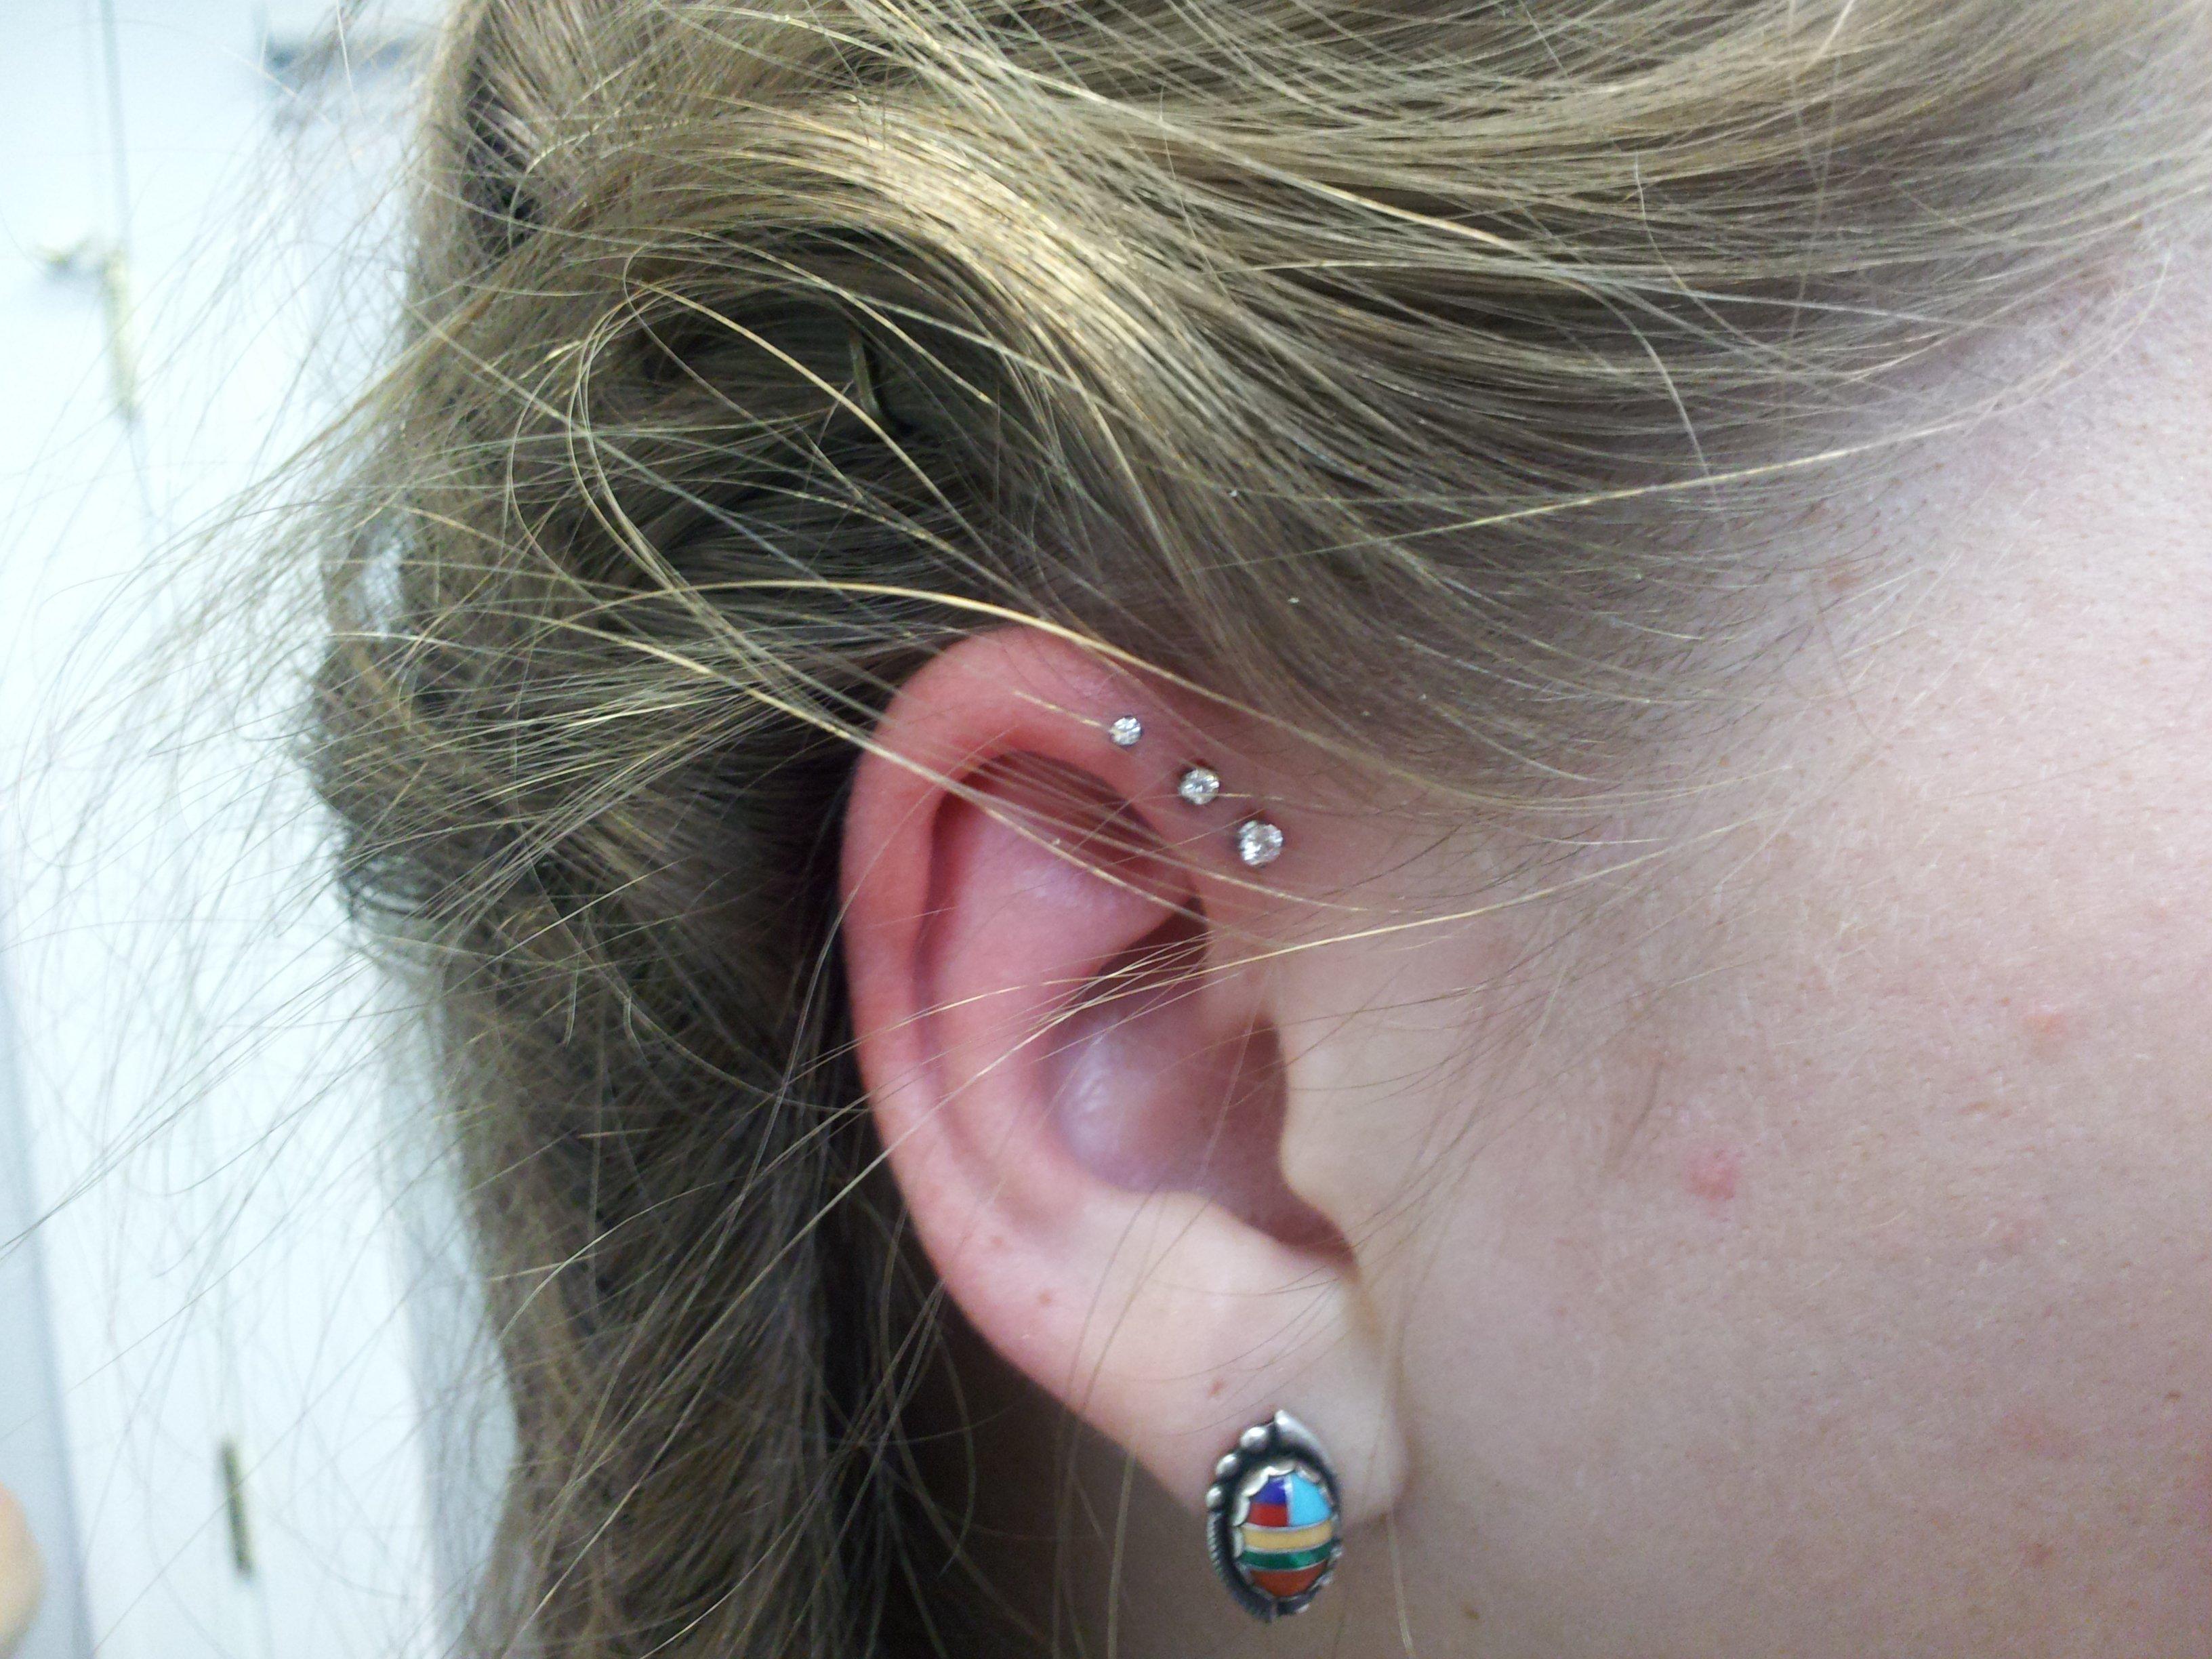 forward,helix,piercing,jewelry,i2